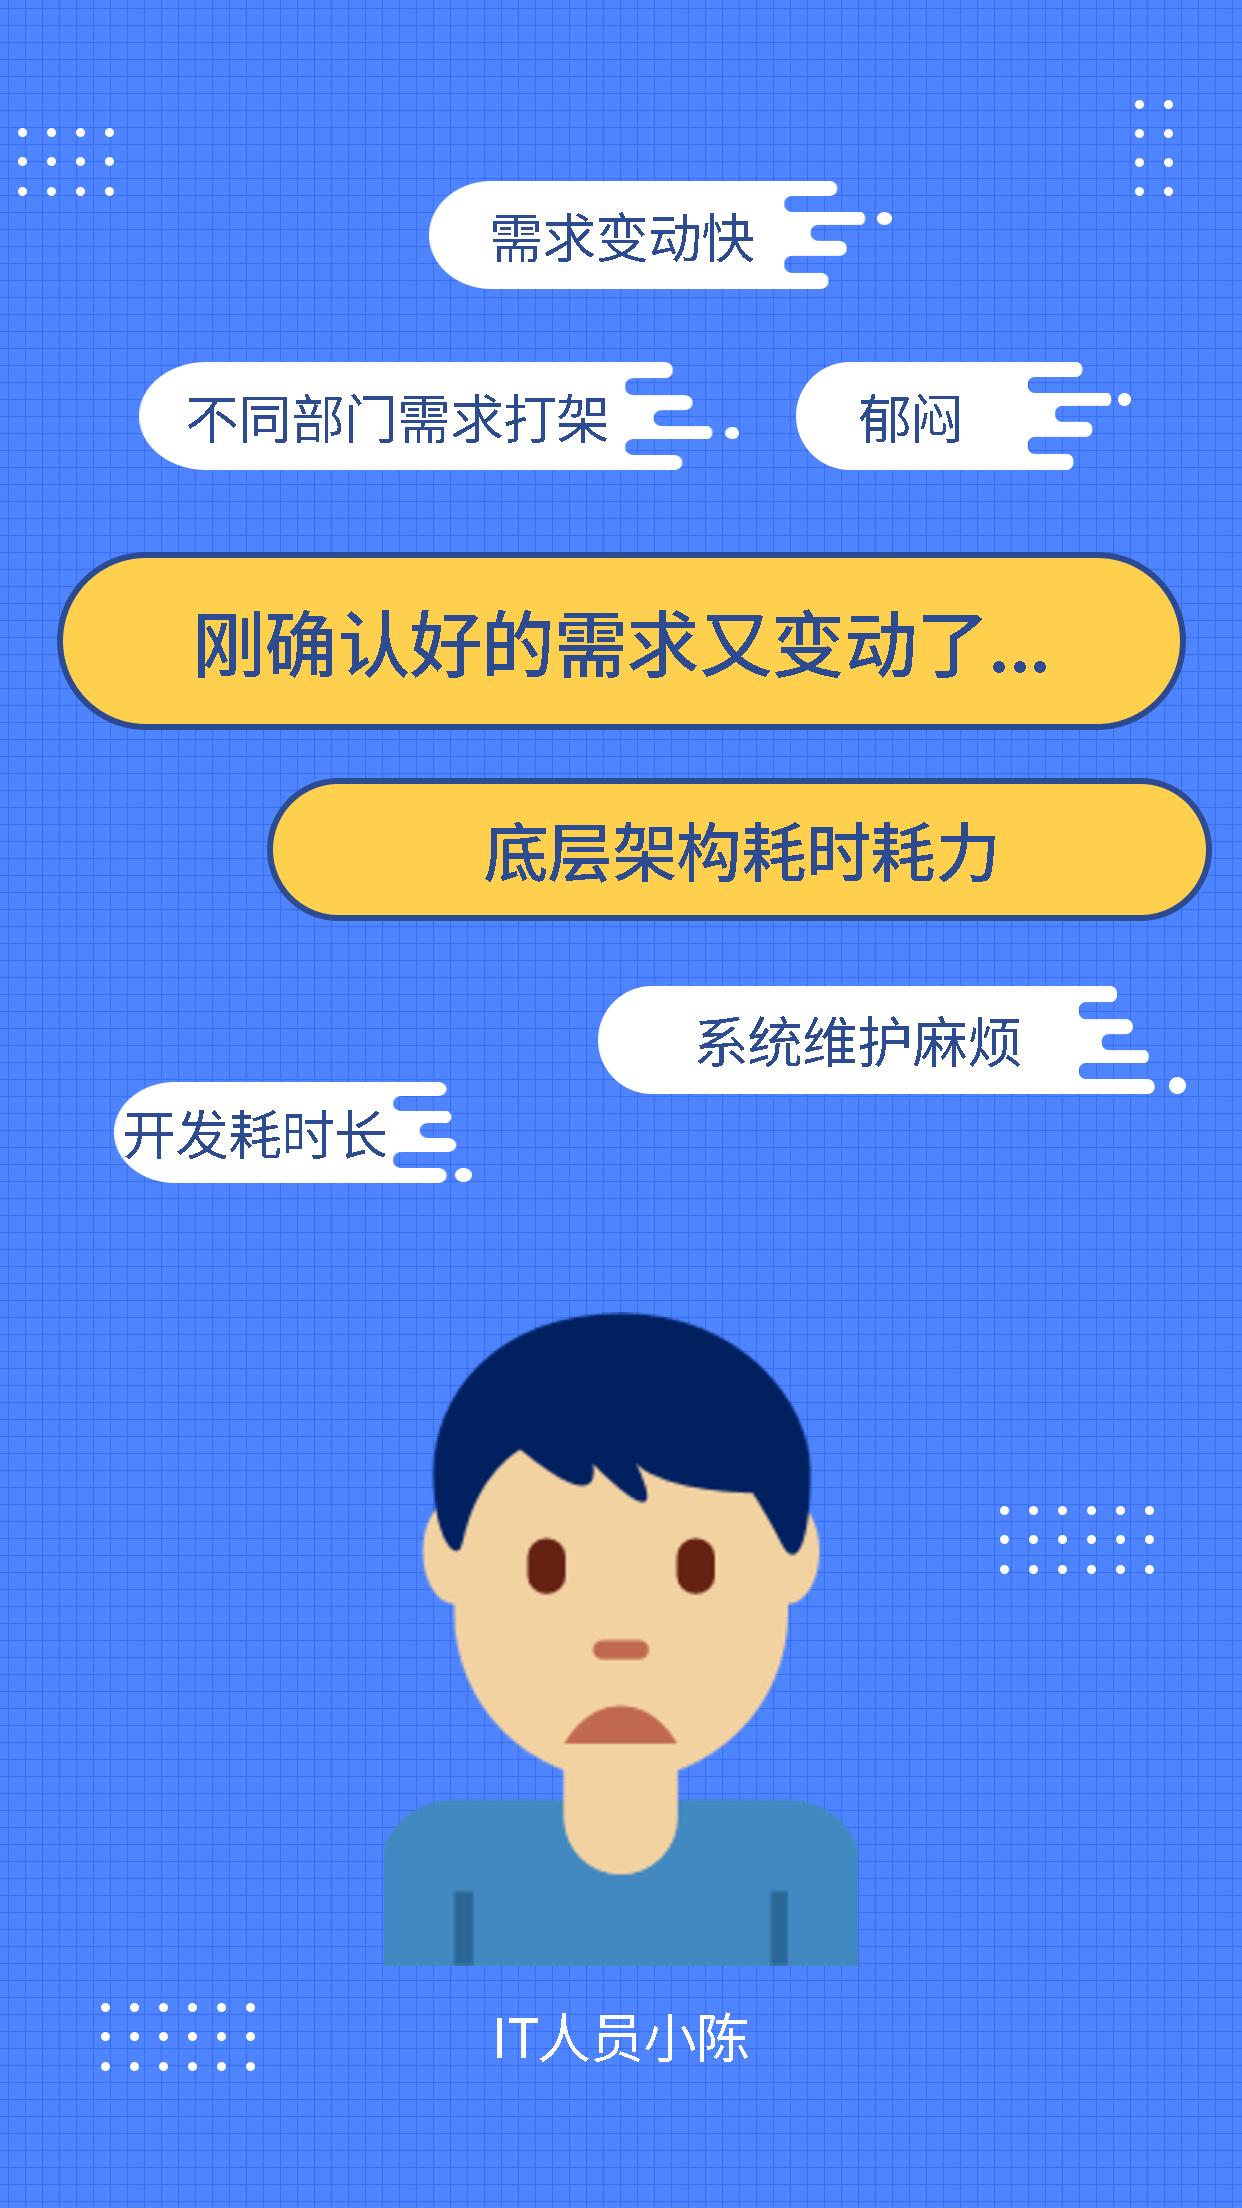 副本_创意优惠促销搞怪表情包手机海报 (1).jpg